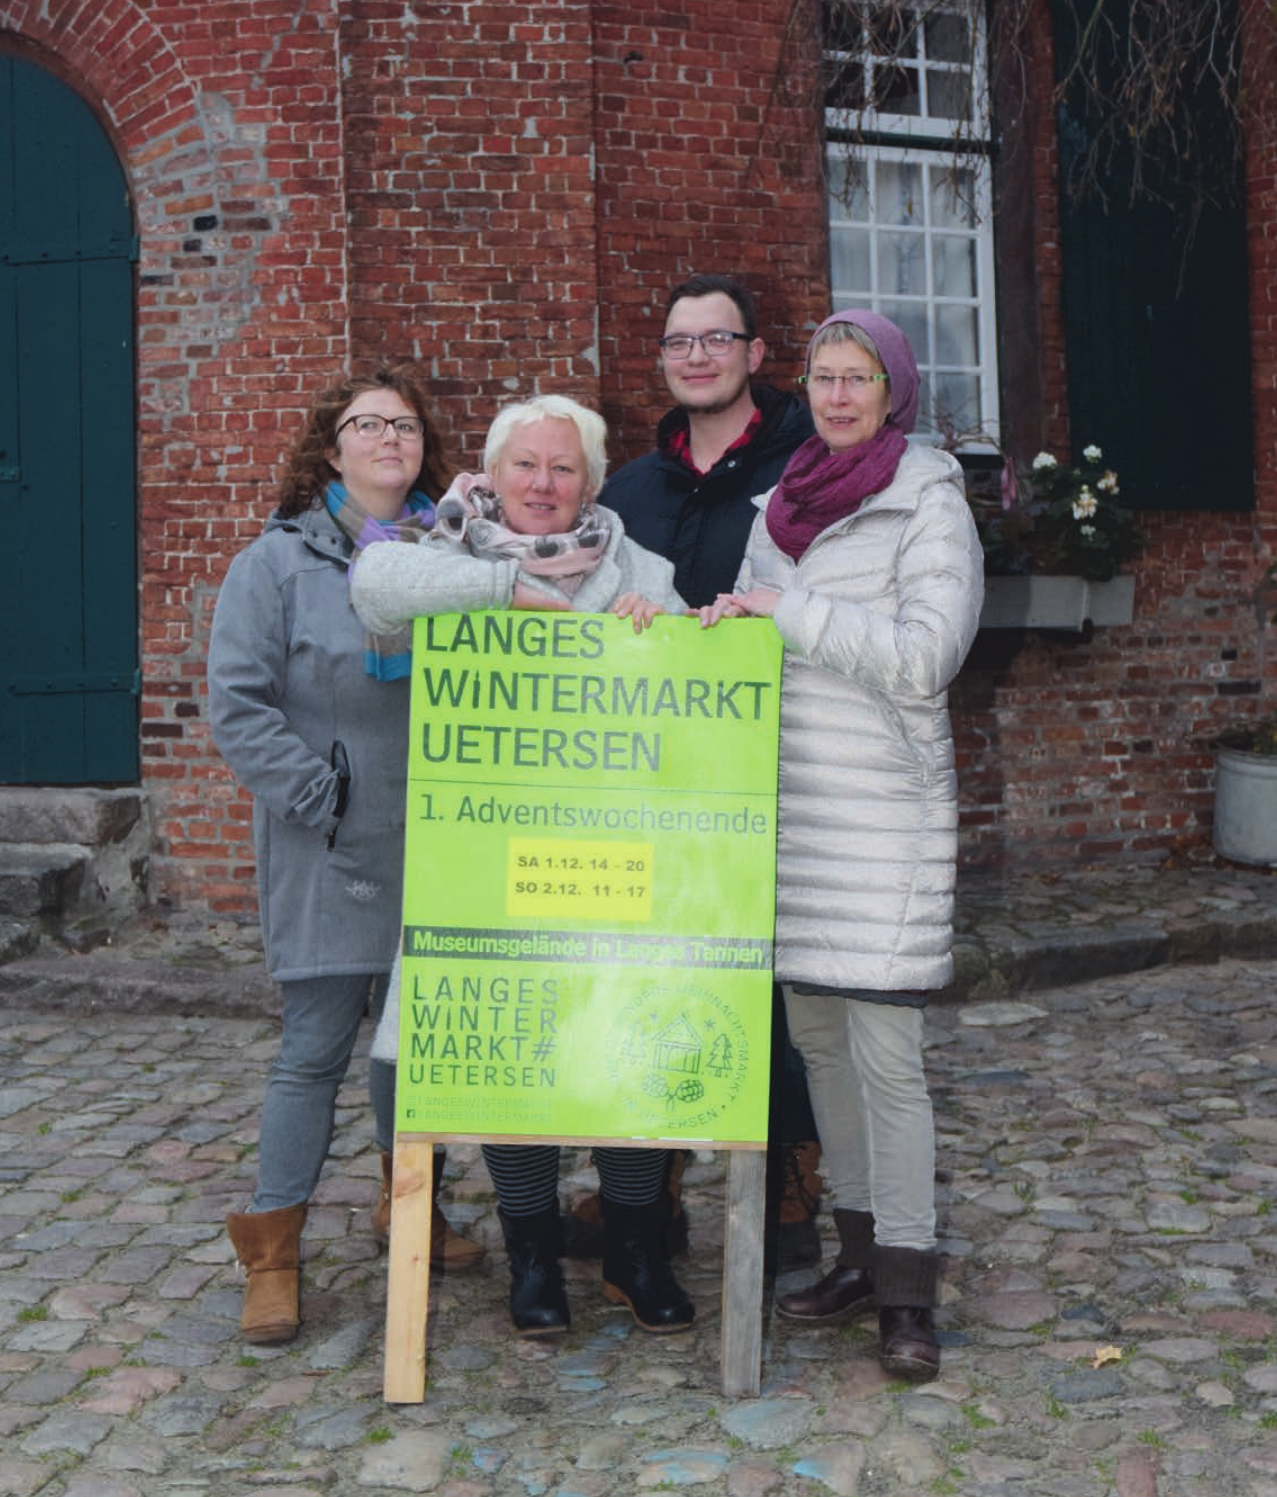 Eilika Plath (v. l.), Manuela Brocks, Christian Tammling und Cornelia Schröder gehören zu den Organisatoren, den den Wintermarkt auf dem Museumsgelände Langes Tannen vorbereitet haben Foto: Klein